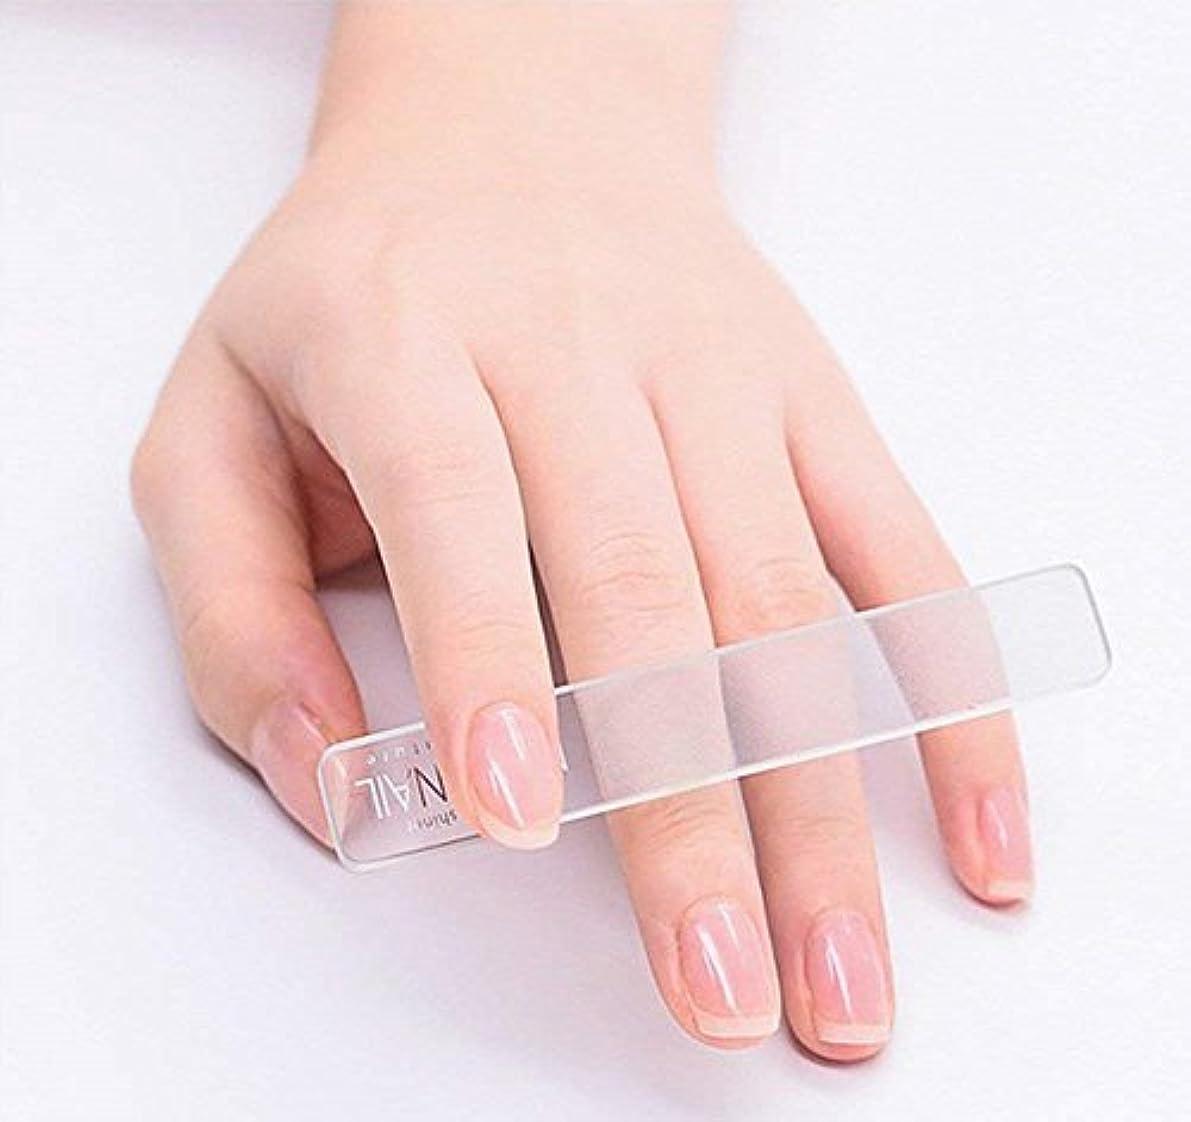 誰のリサイクルする移行するSmartRICH ガラス製ネイルファイル ネイル, 透明ガラスNano研磨 絶妙 爪やすり 爪磨き 立体ナノネイルファイル ネイルケア用品 美しい指先 光沢長持ち